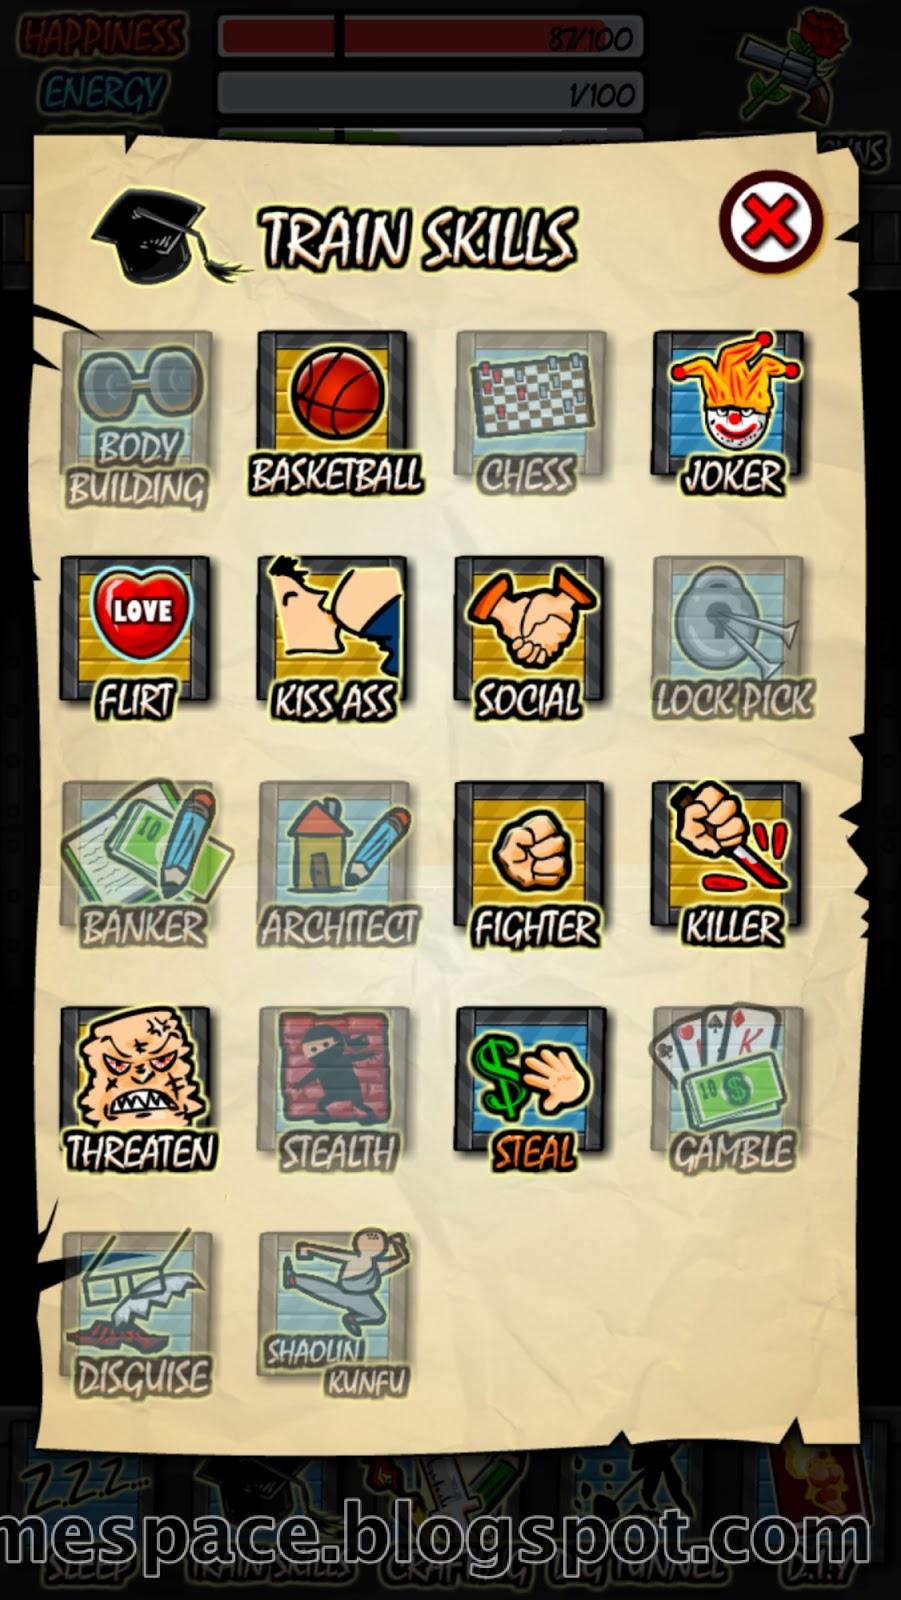 Prison Life RPG mastered skill